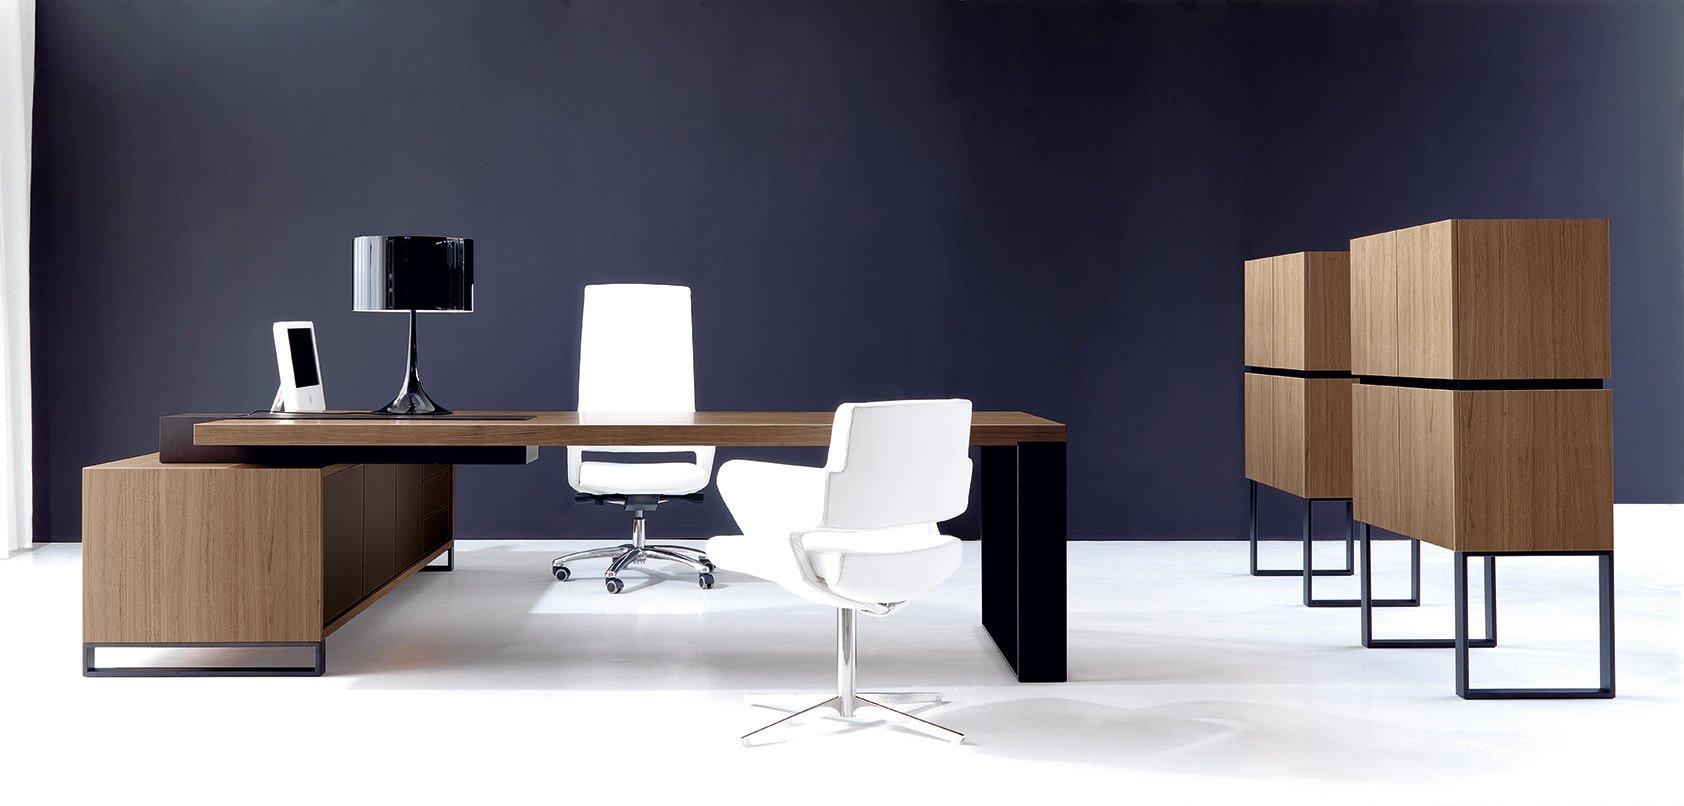 Mobili per ufficio new loop ivm office ivm office for Mobili per ufficio